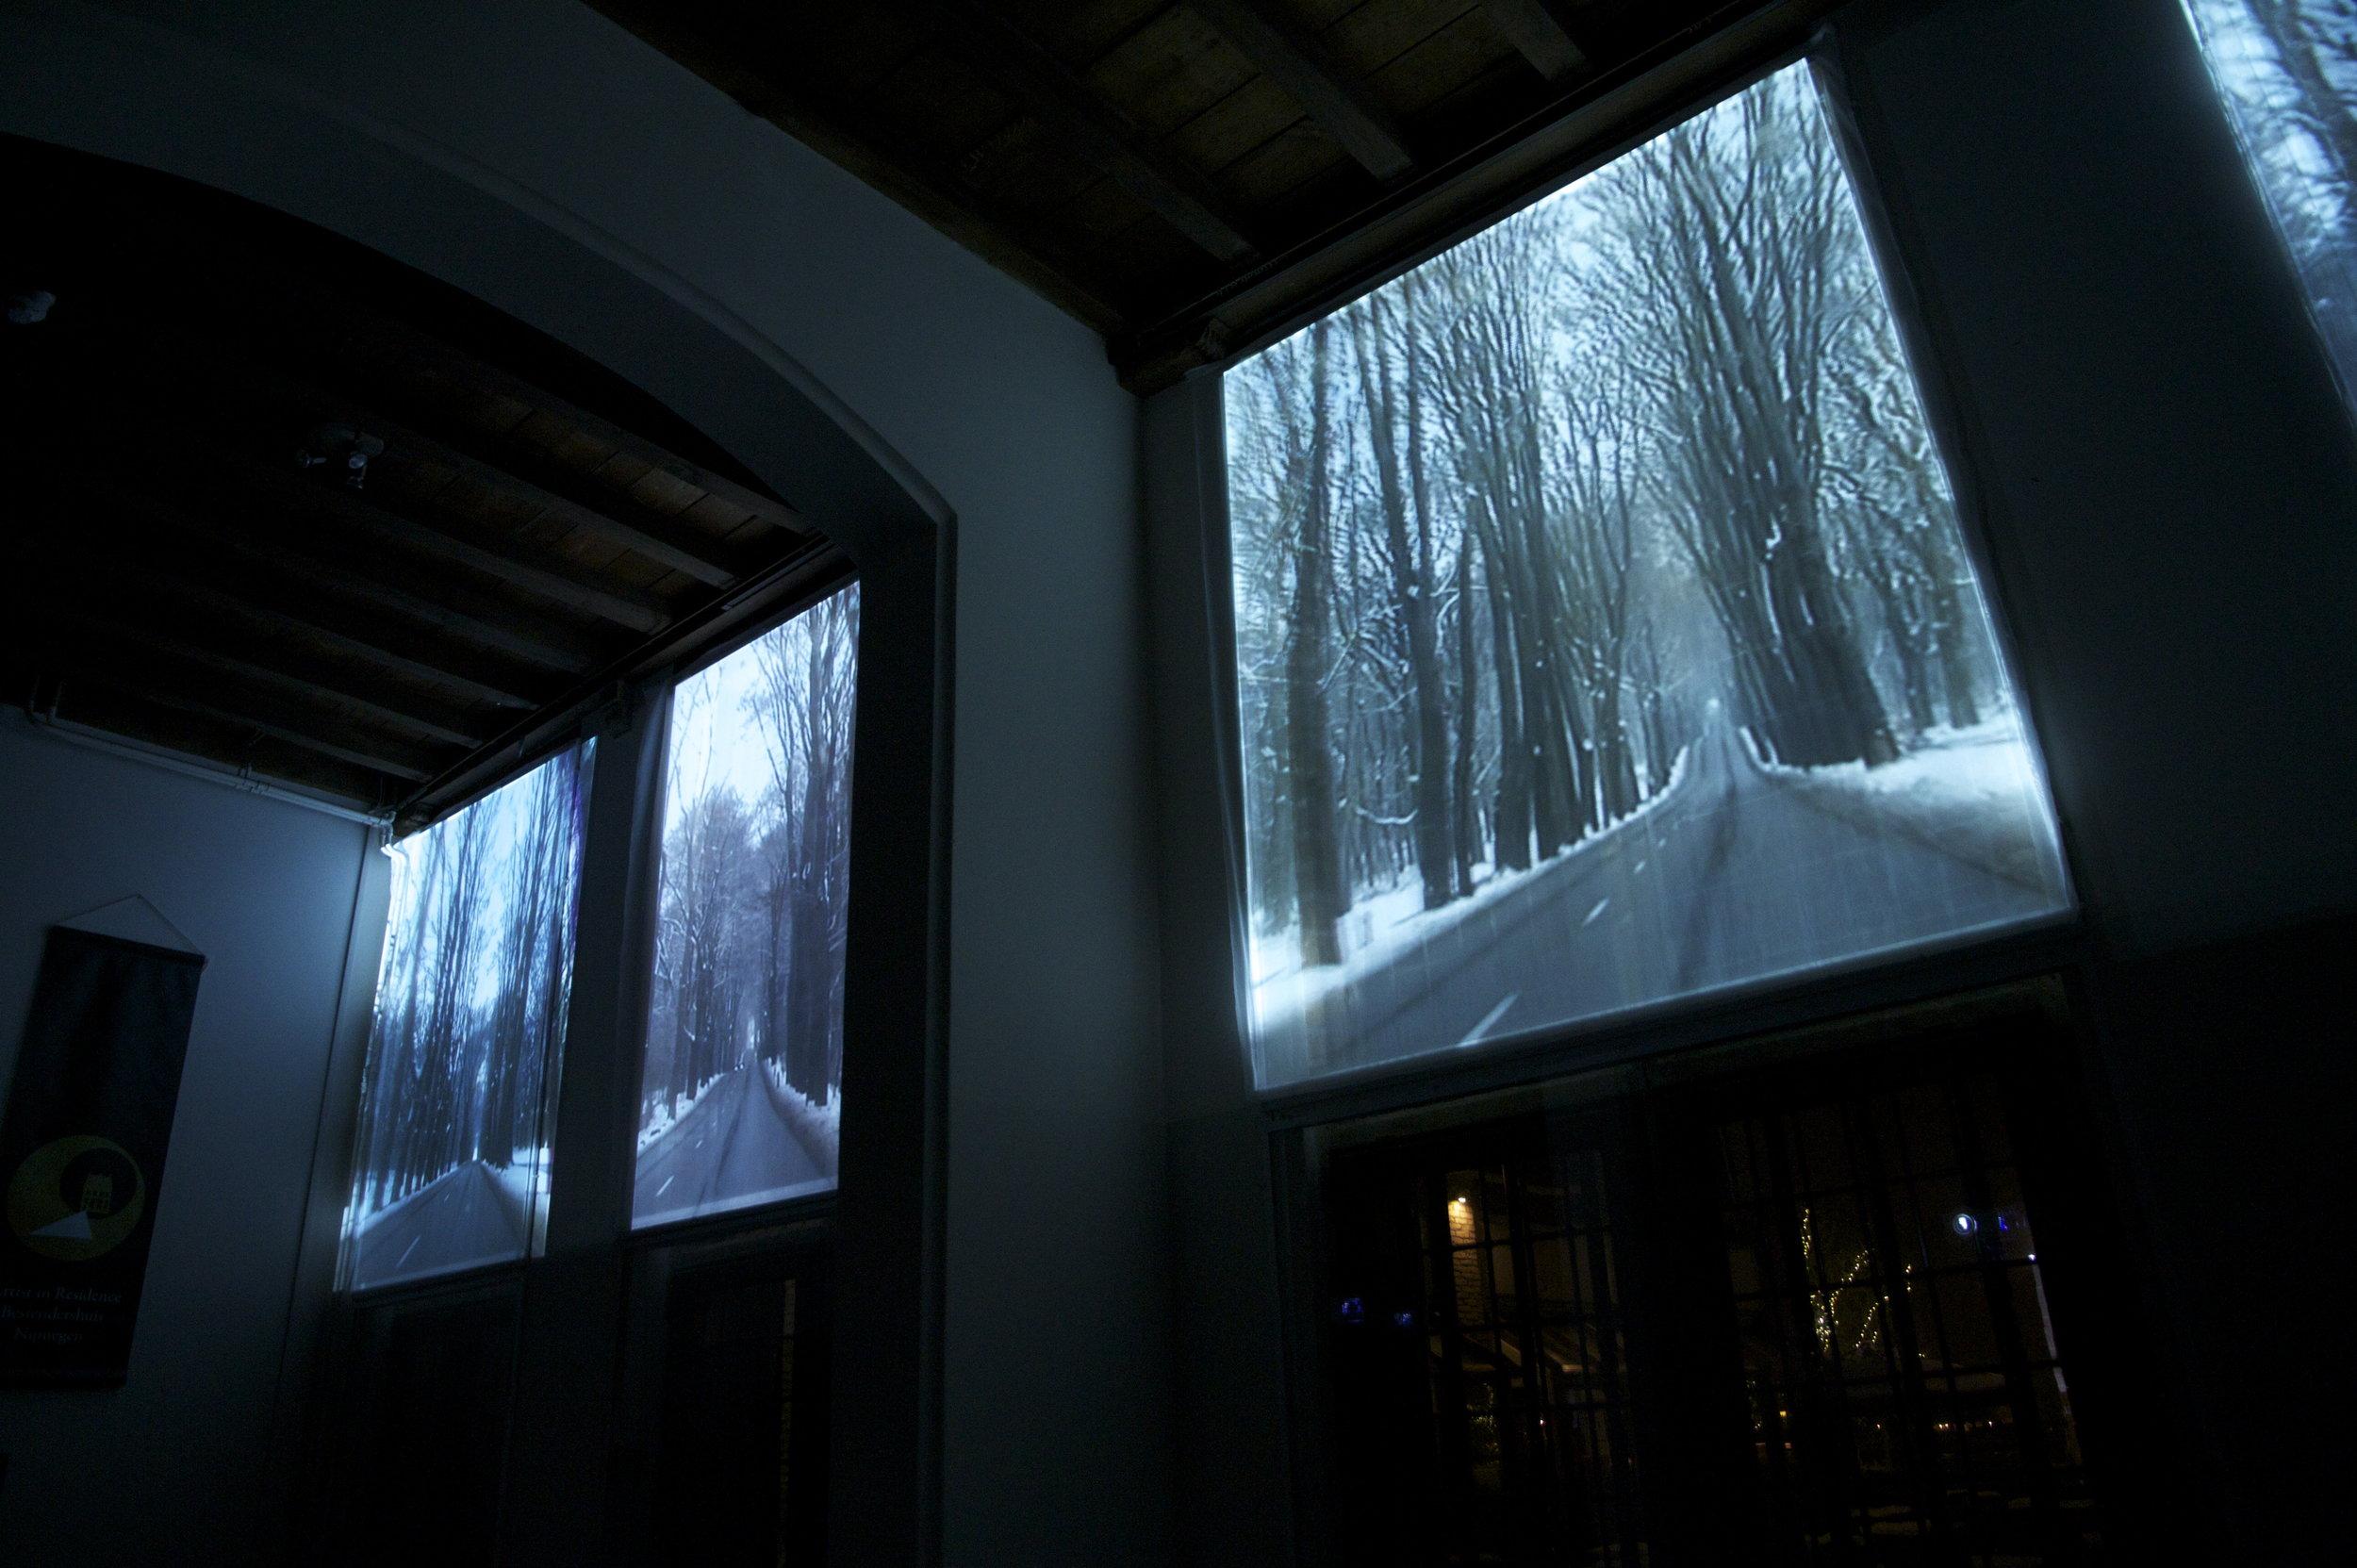 Maries Hendriks - Meanwhile Moments   Mariës Hendriks maakt grafiek en filmwerk met een mysterieuze toonaard. Het filmische kunstwerk dat van binnen naar buiten op de grote glas-in-loodramen van het Besiendershuis geprojecteerd werd, toont een panoramisch beeld; een rit langs een oneindig lange kaarsrechte weg door het bos.